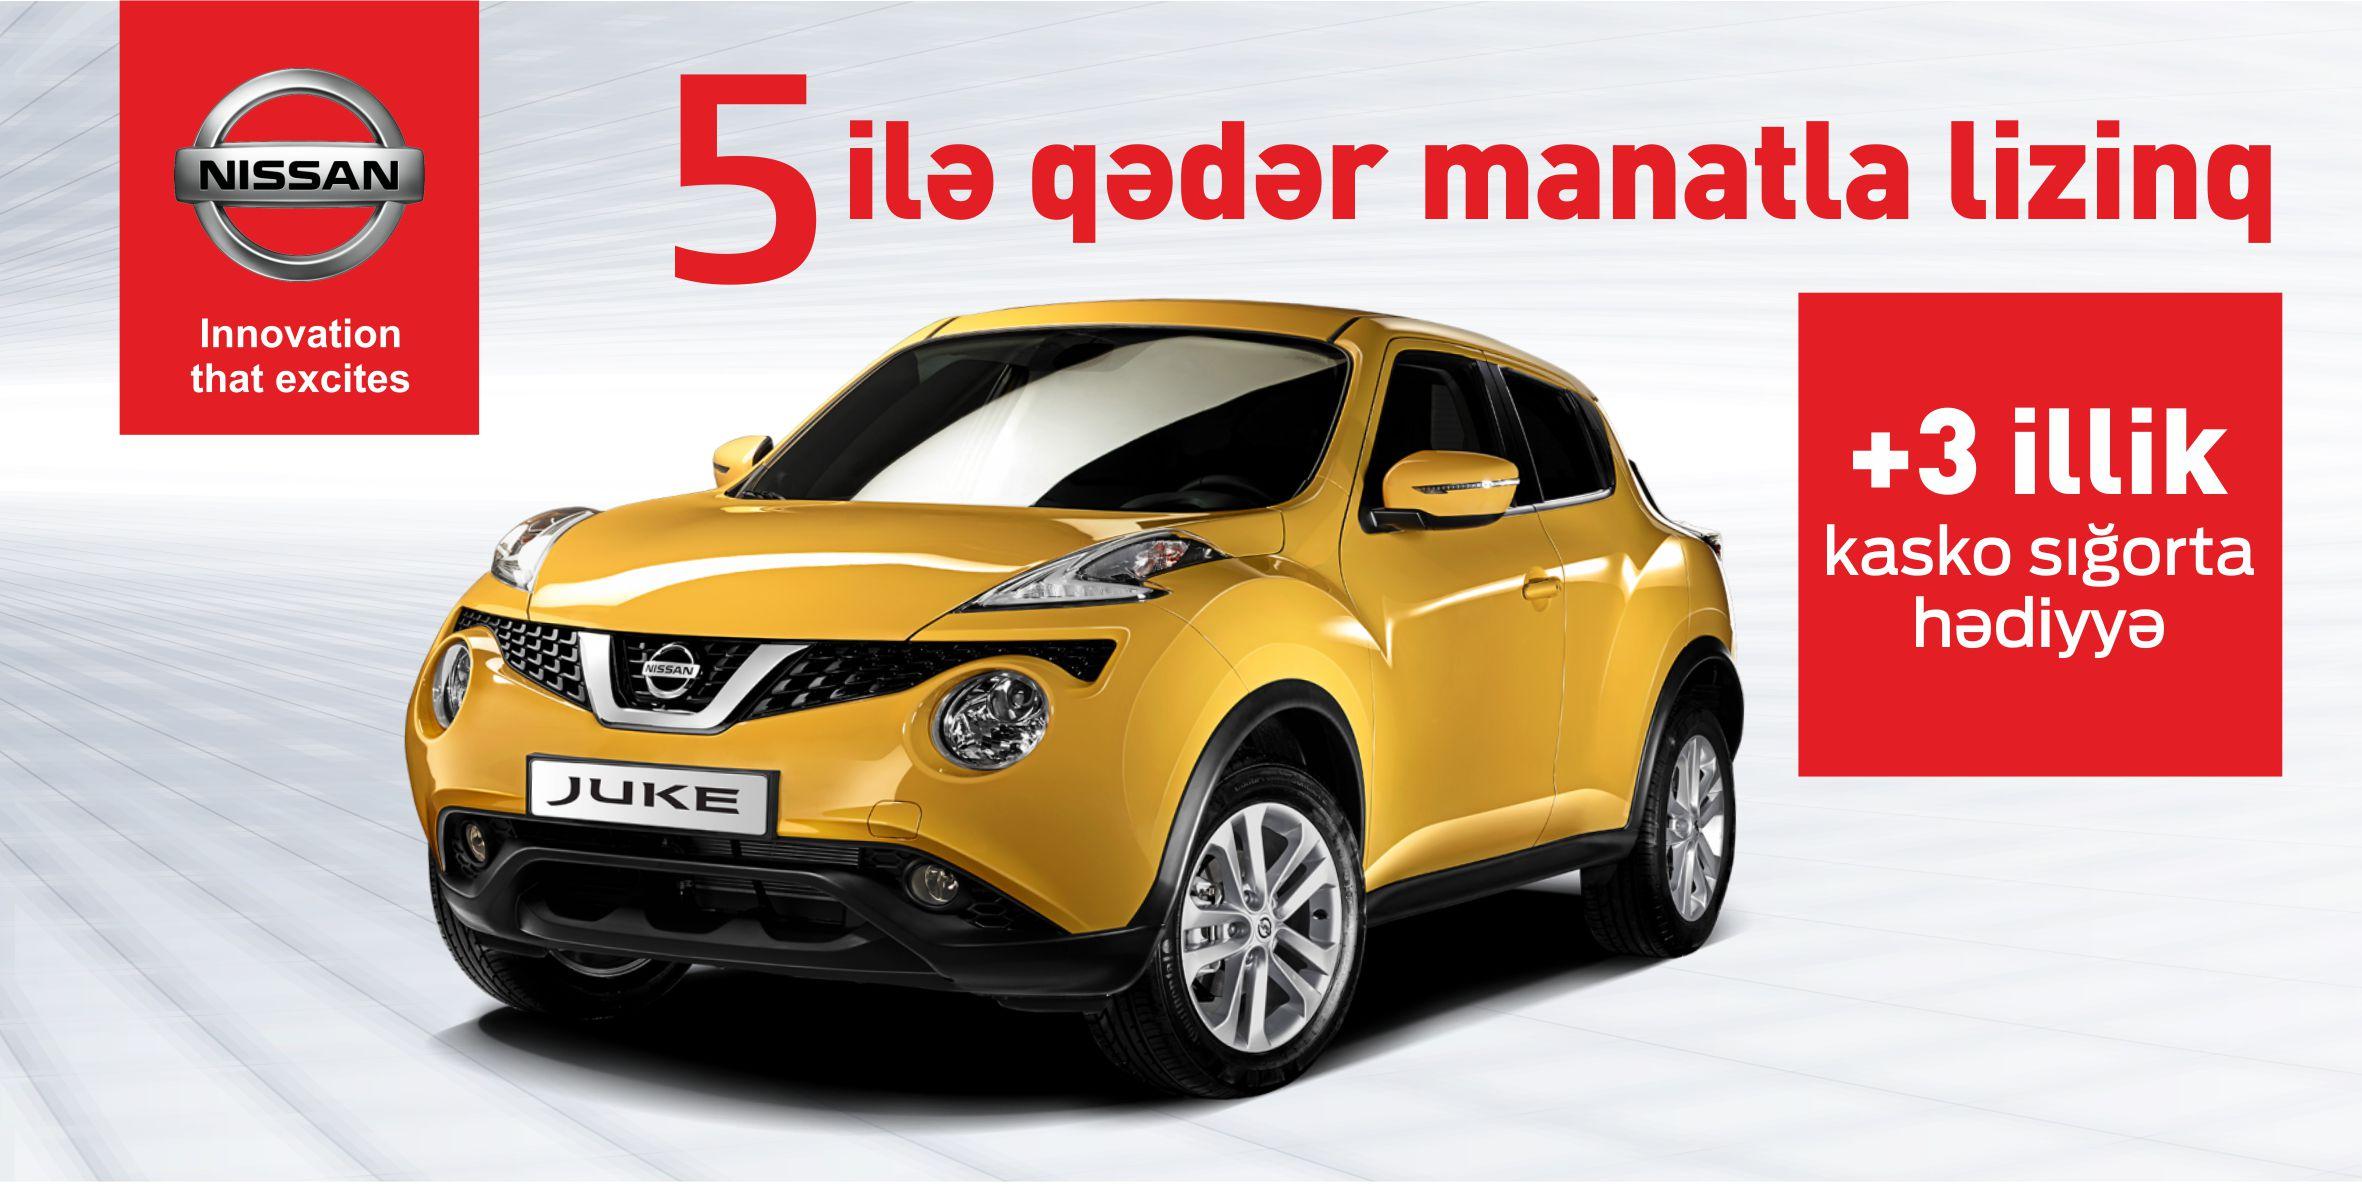 Nissan Juke modeli üçün manatla lizinq kampaniyası!